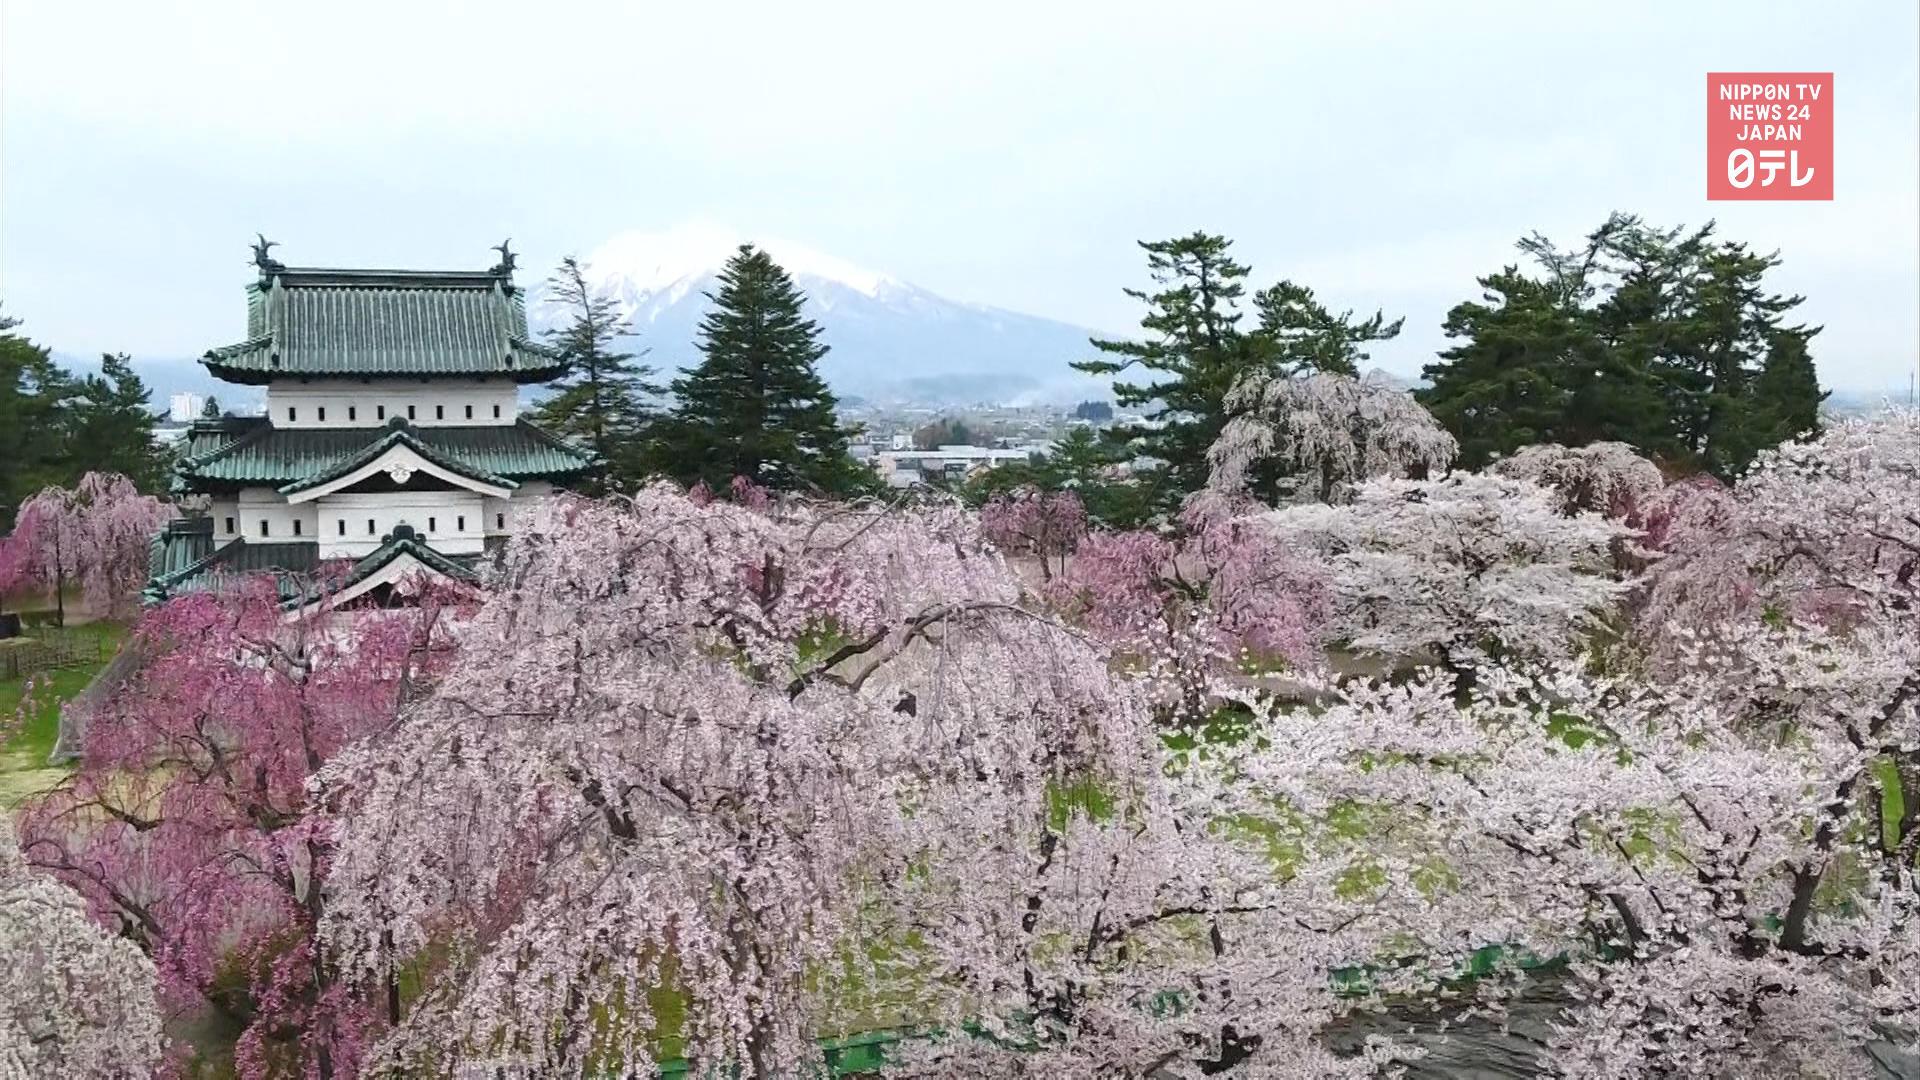 Aomori's landmark park reopens